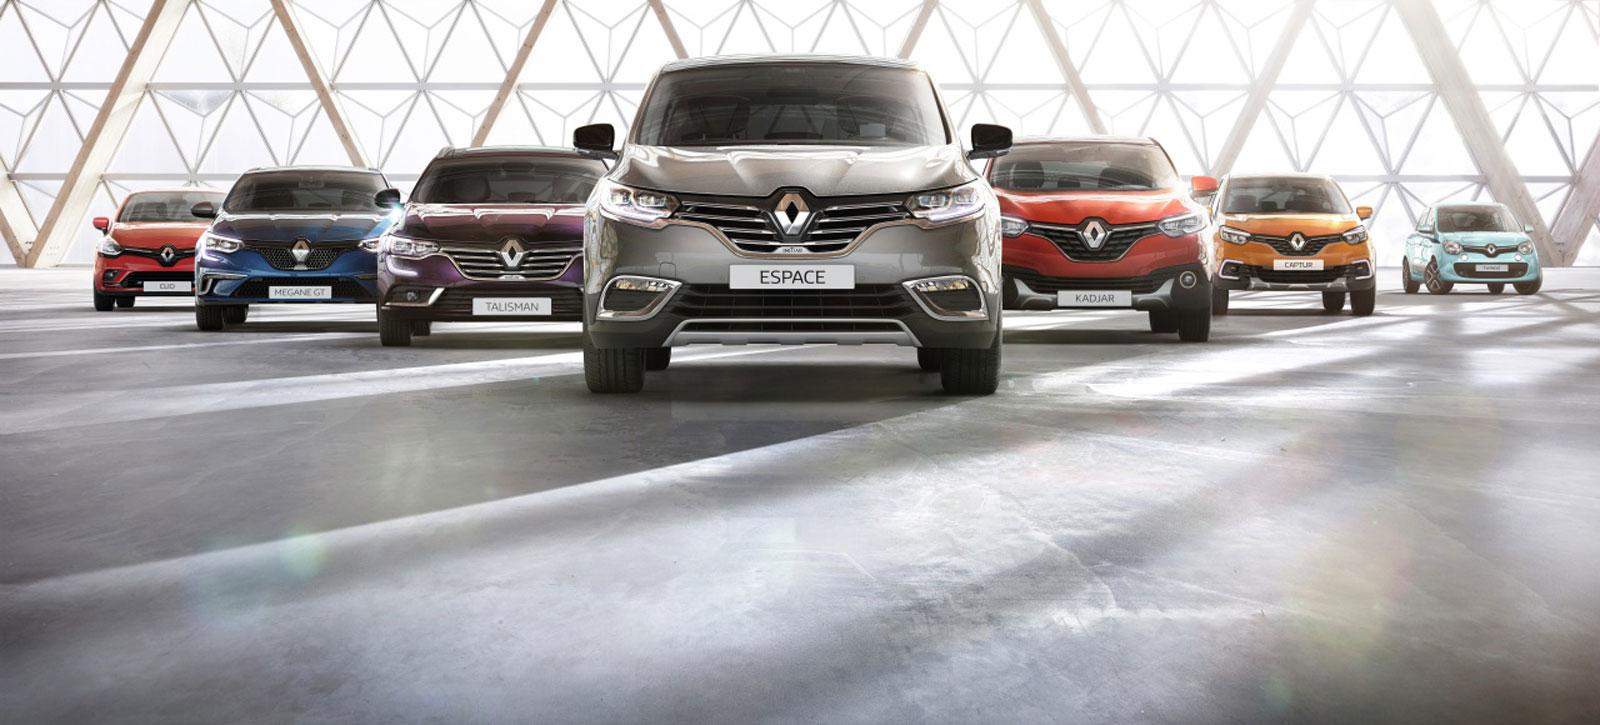 Complete Renault's range